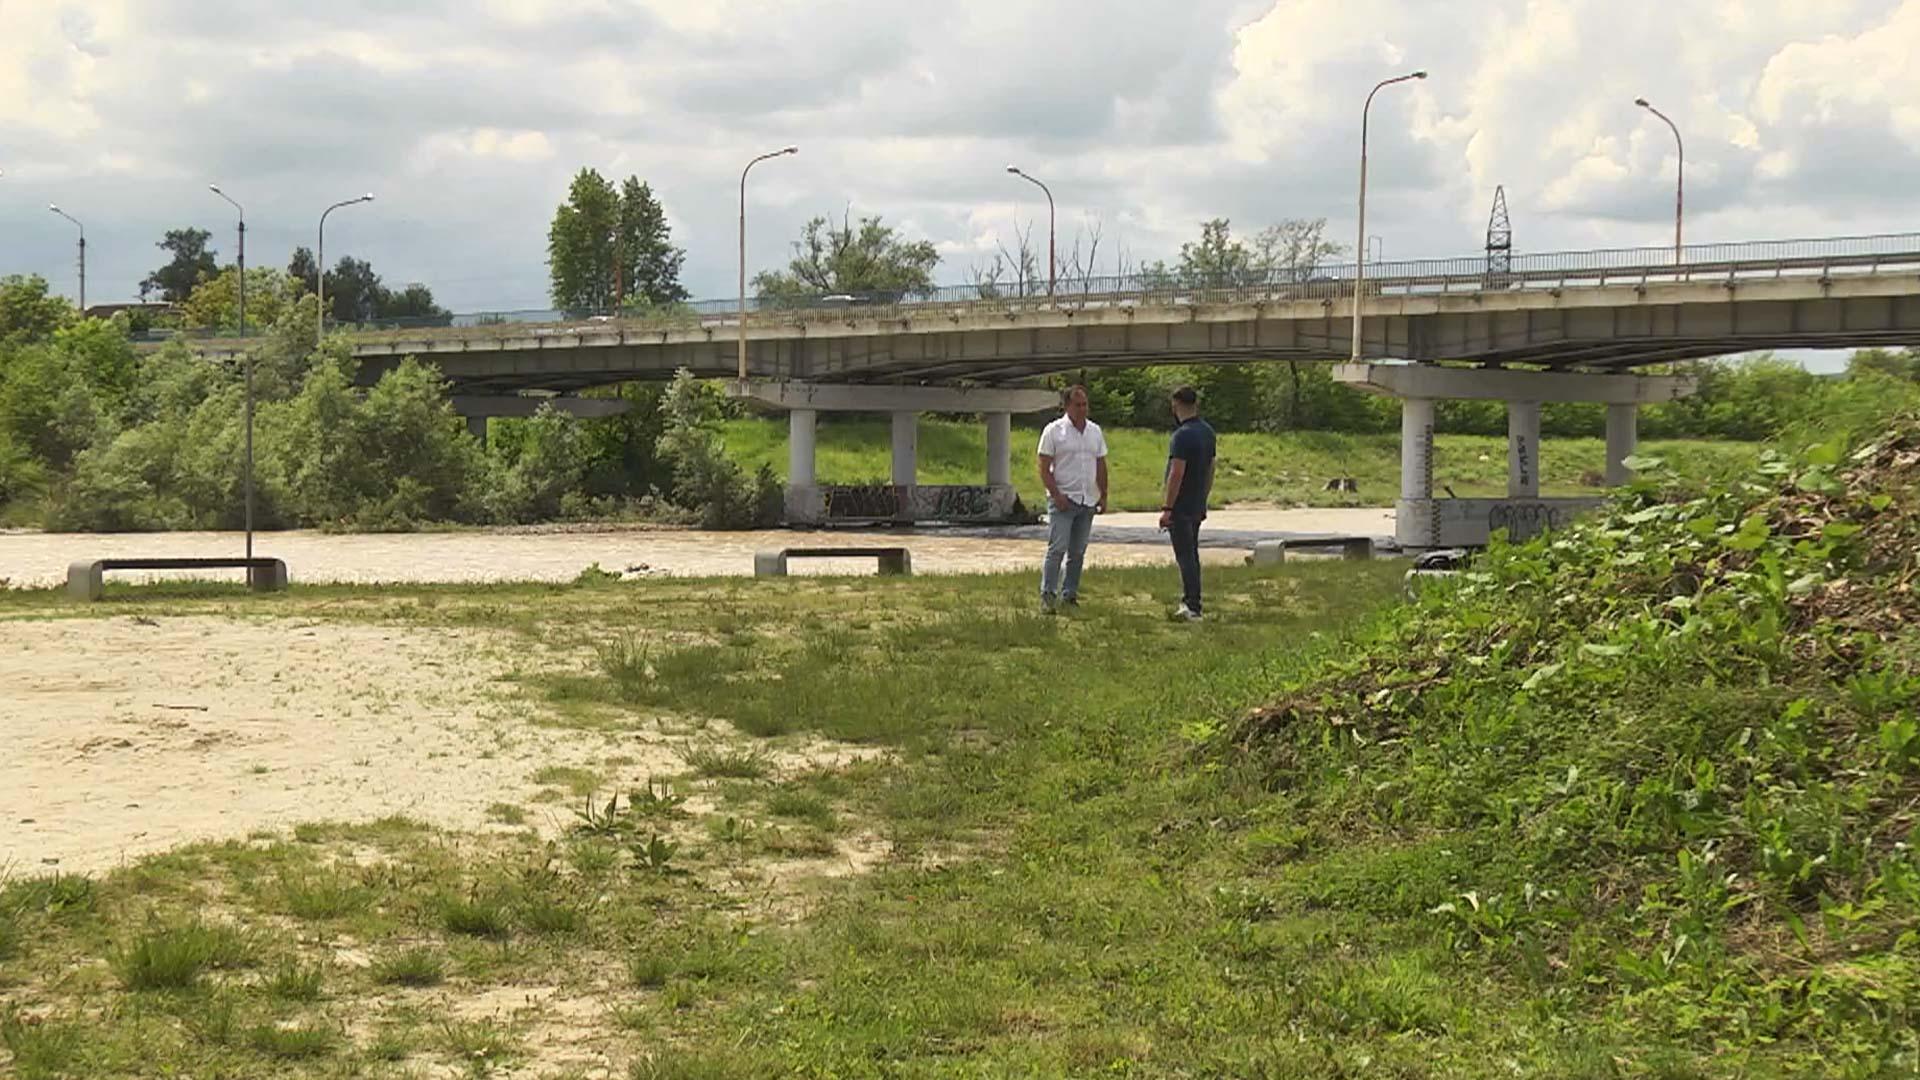 У Коломиї змінять русло річки, аби вода не руйнувала відпочинкову зону (ВІДЕО)